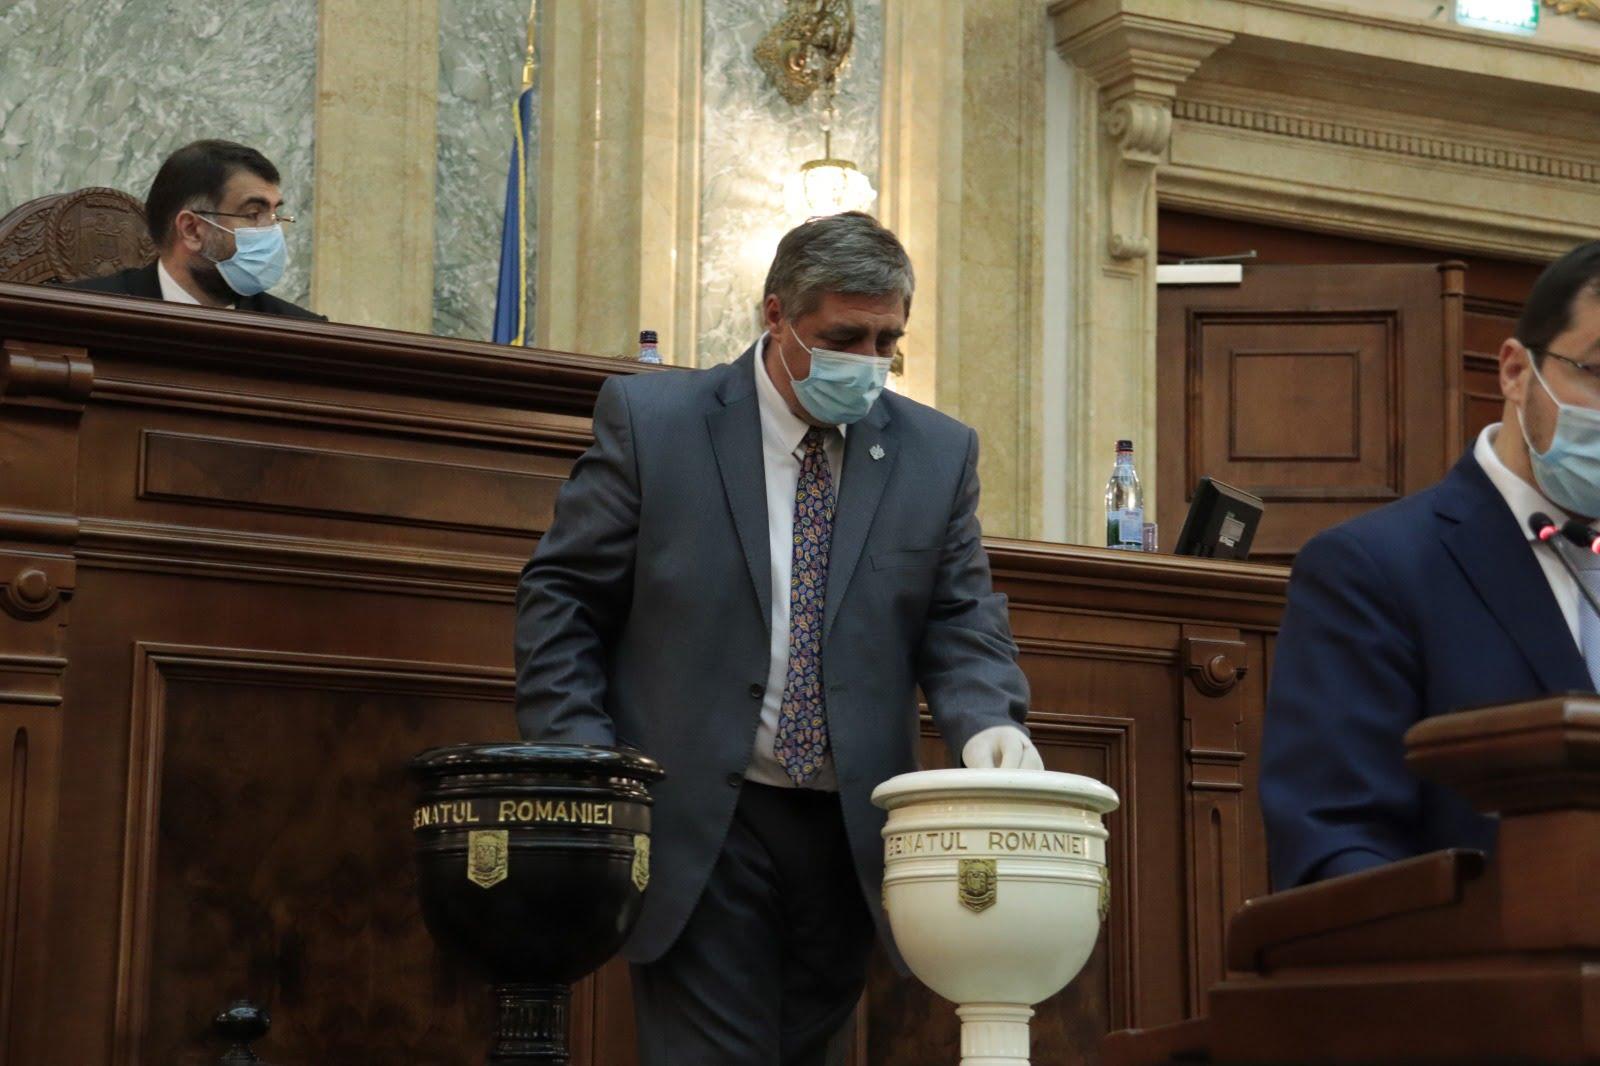 """Senatorul Dan Manoliu: """"Ministrul Agriculturii dorește să despăgubească fermierii afectaţi de secetă abia după recoltare. Așa ceva este inacceptabil"""""""